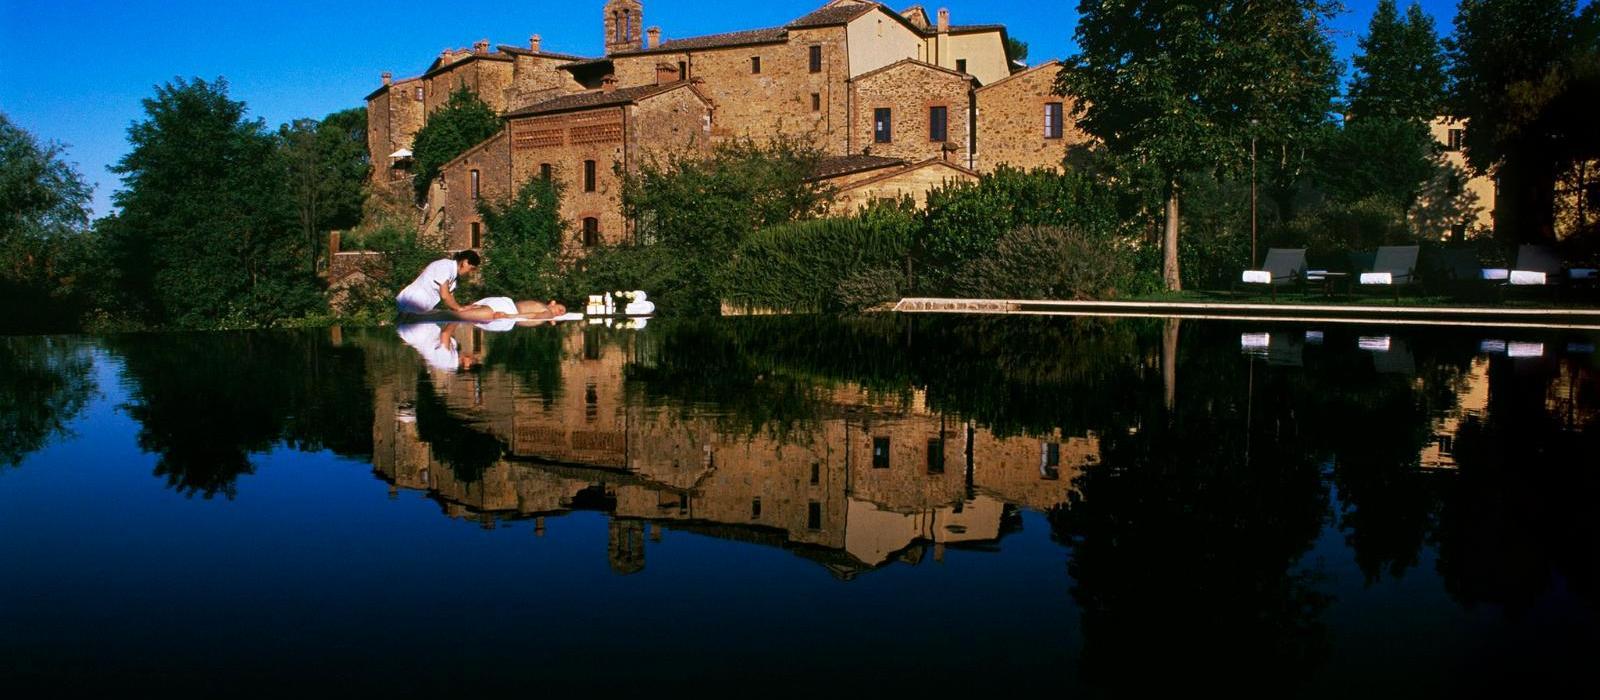 蒙娜斯特古堡酒店(Castel Monastero) 图片  www.lhw.cn